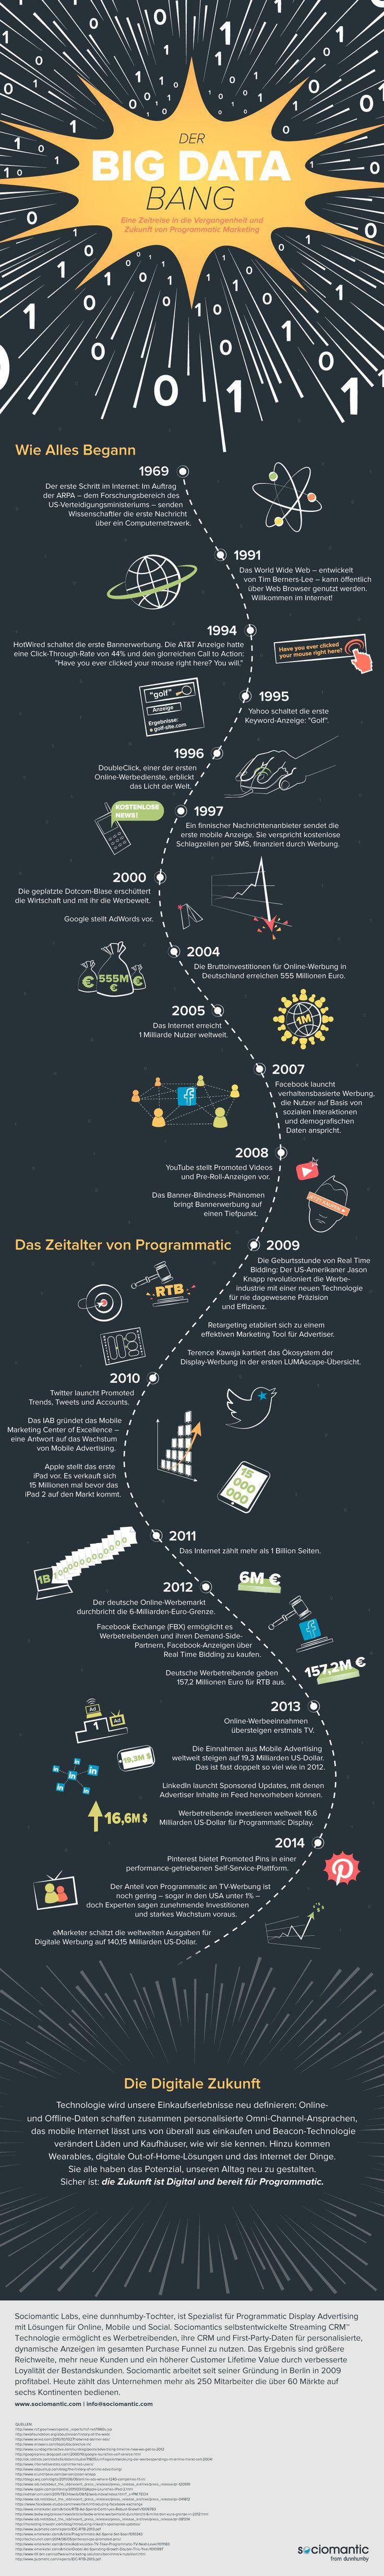 Programmatic-Marketing: Vergangenheit, Gegenwart und Zukunft. (Grafik: Sociomantic)